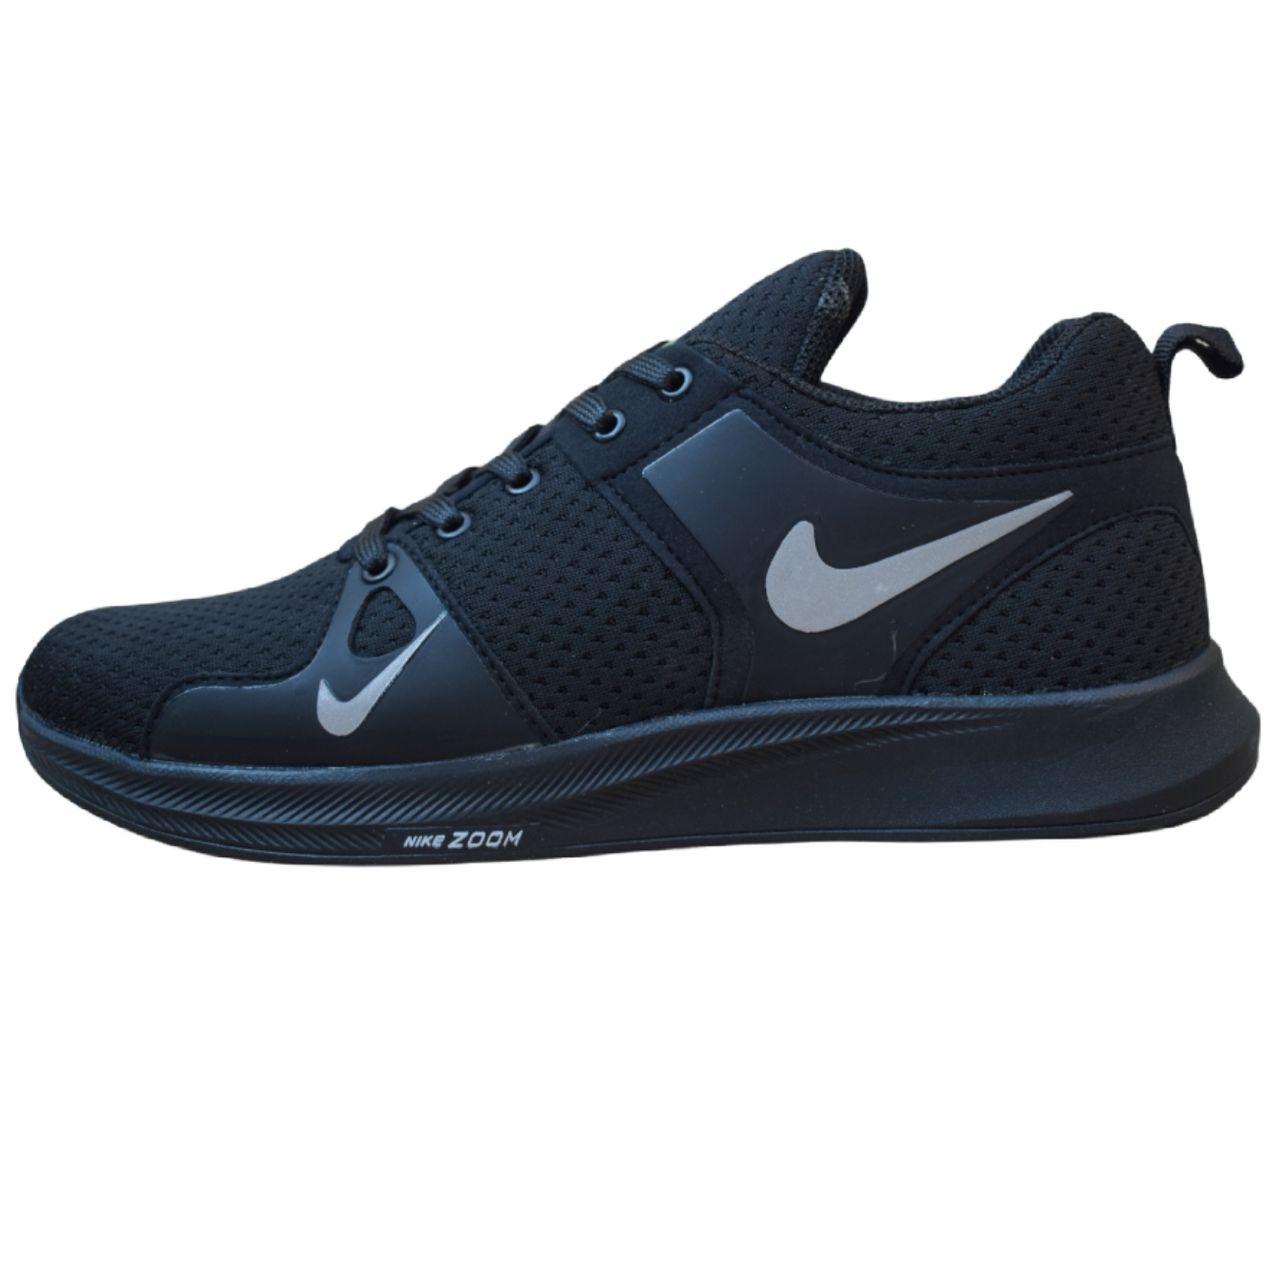 کفش راحتی مردانه نایکی مدل zoom